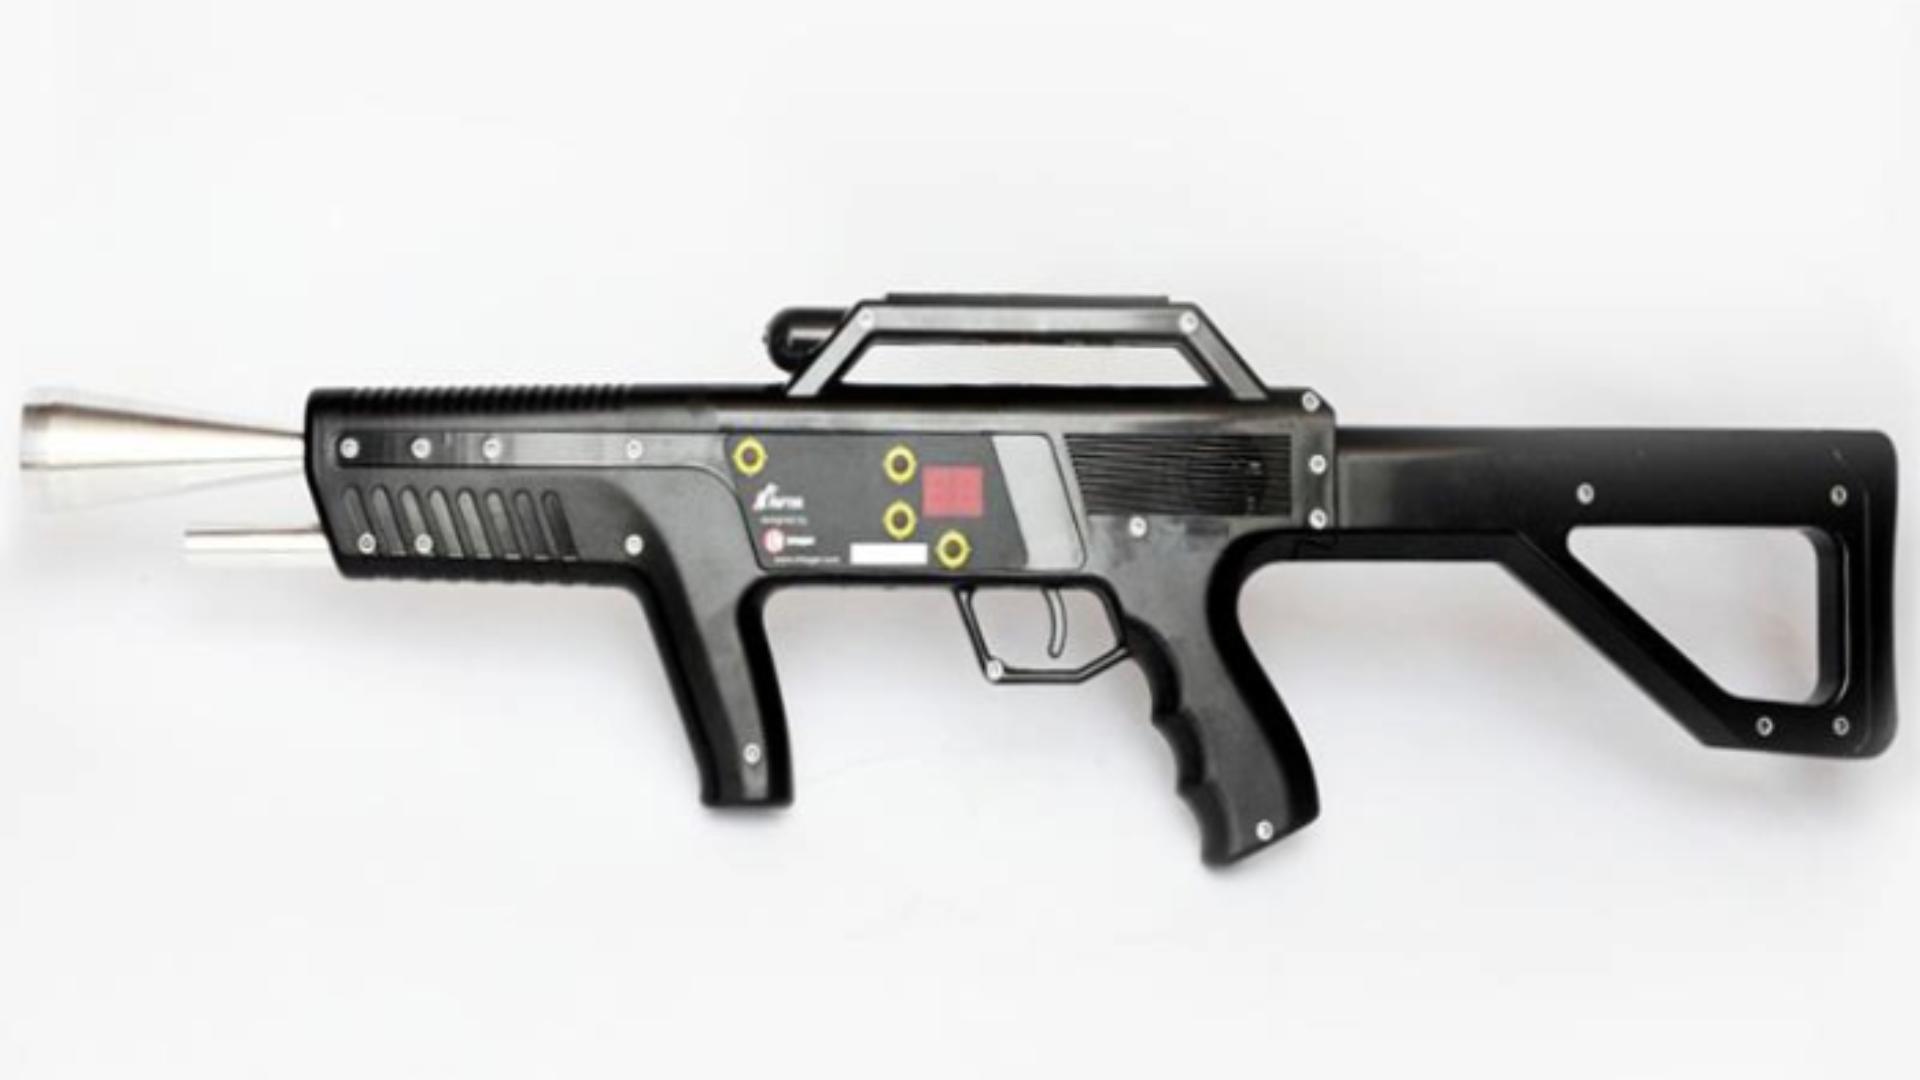 Laserstar.nl – Uw lasergame specialist